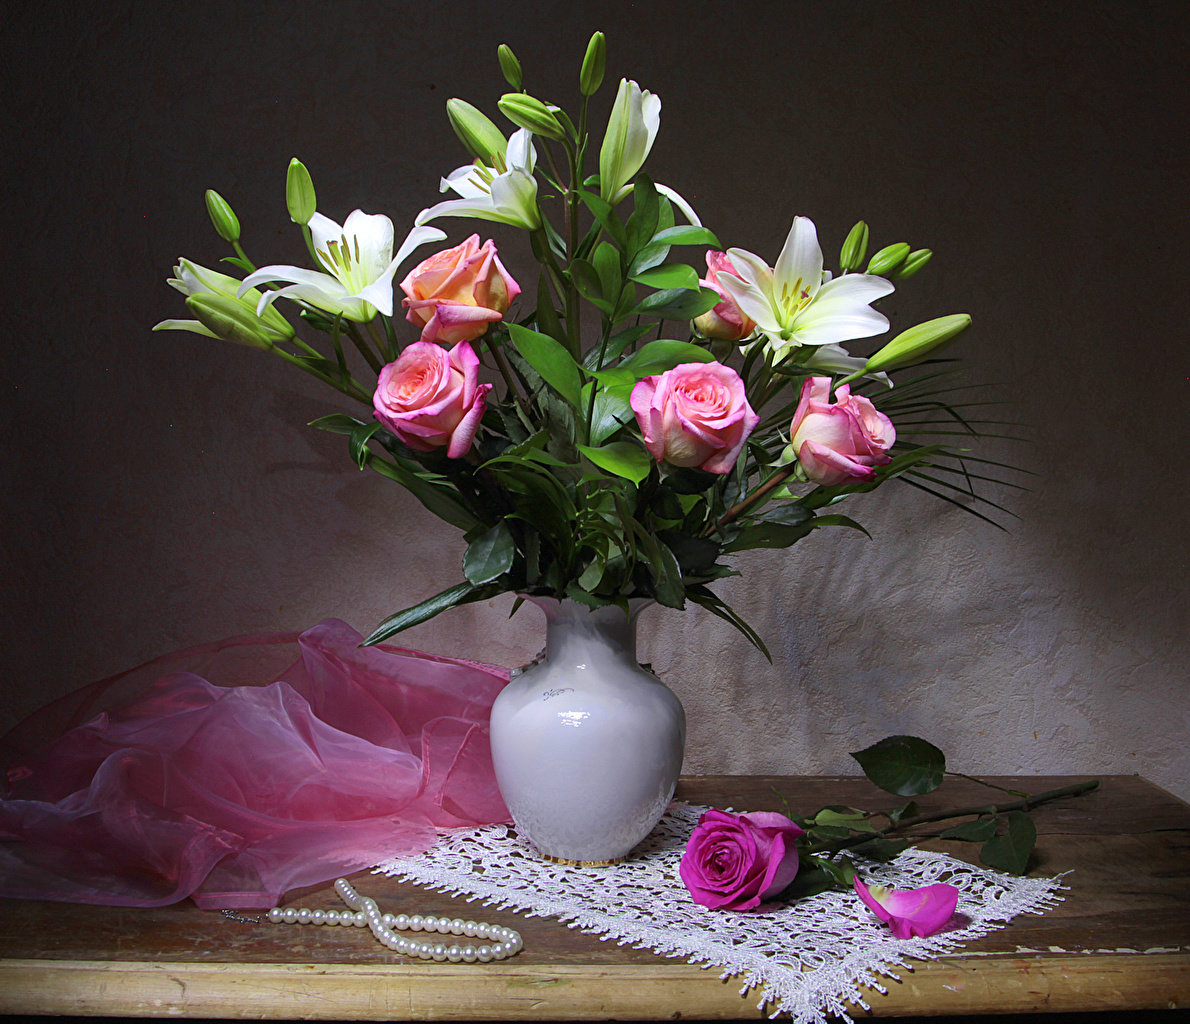 Картинки цветов в красивых вазах